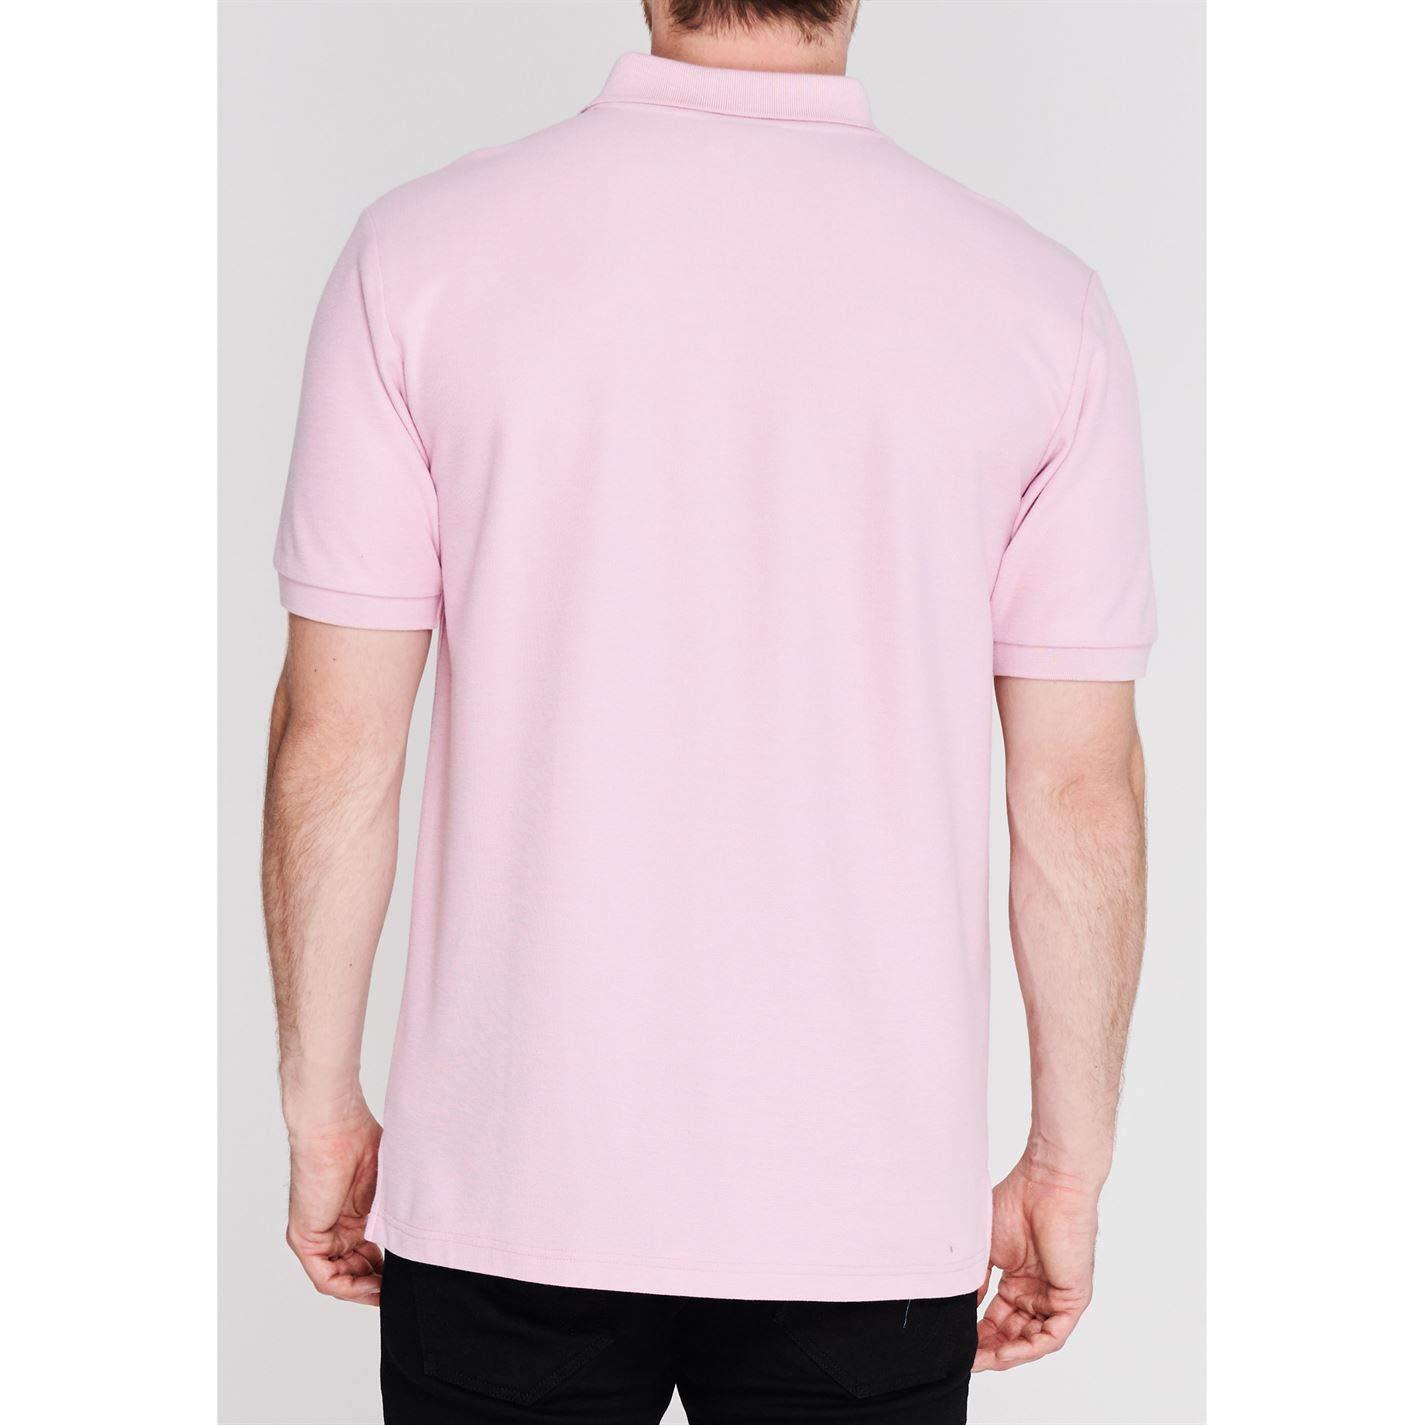 Slazenger Mens Plain Polo Shirt Short Sleeve Top